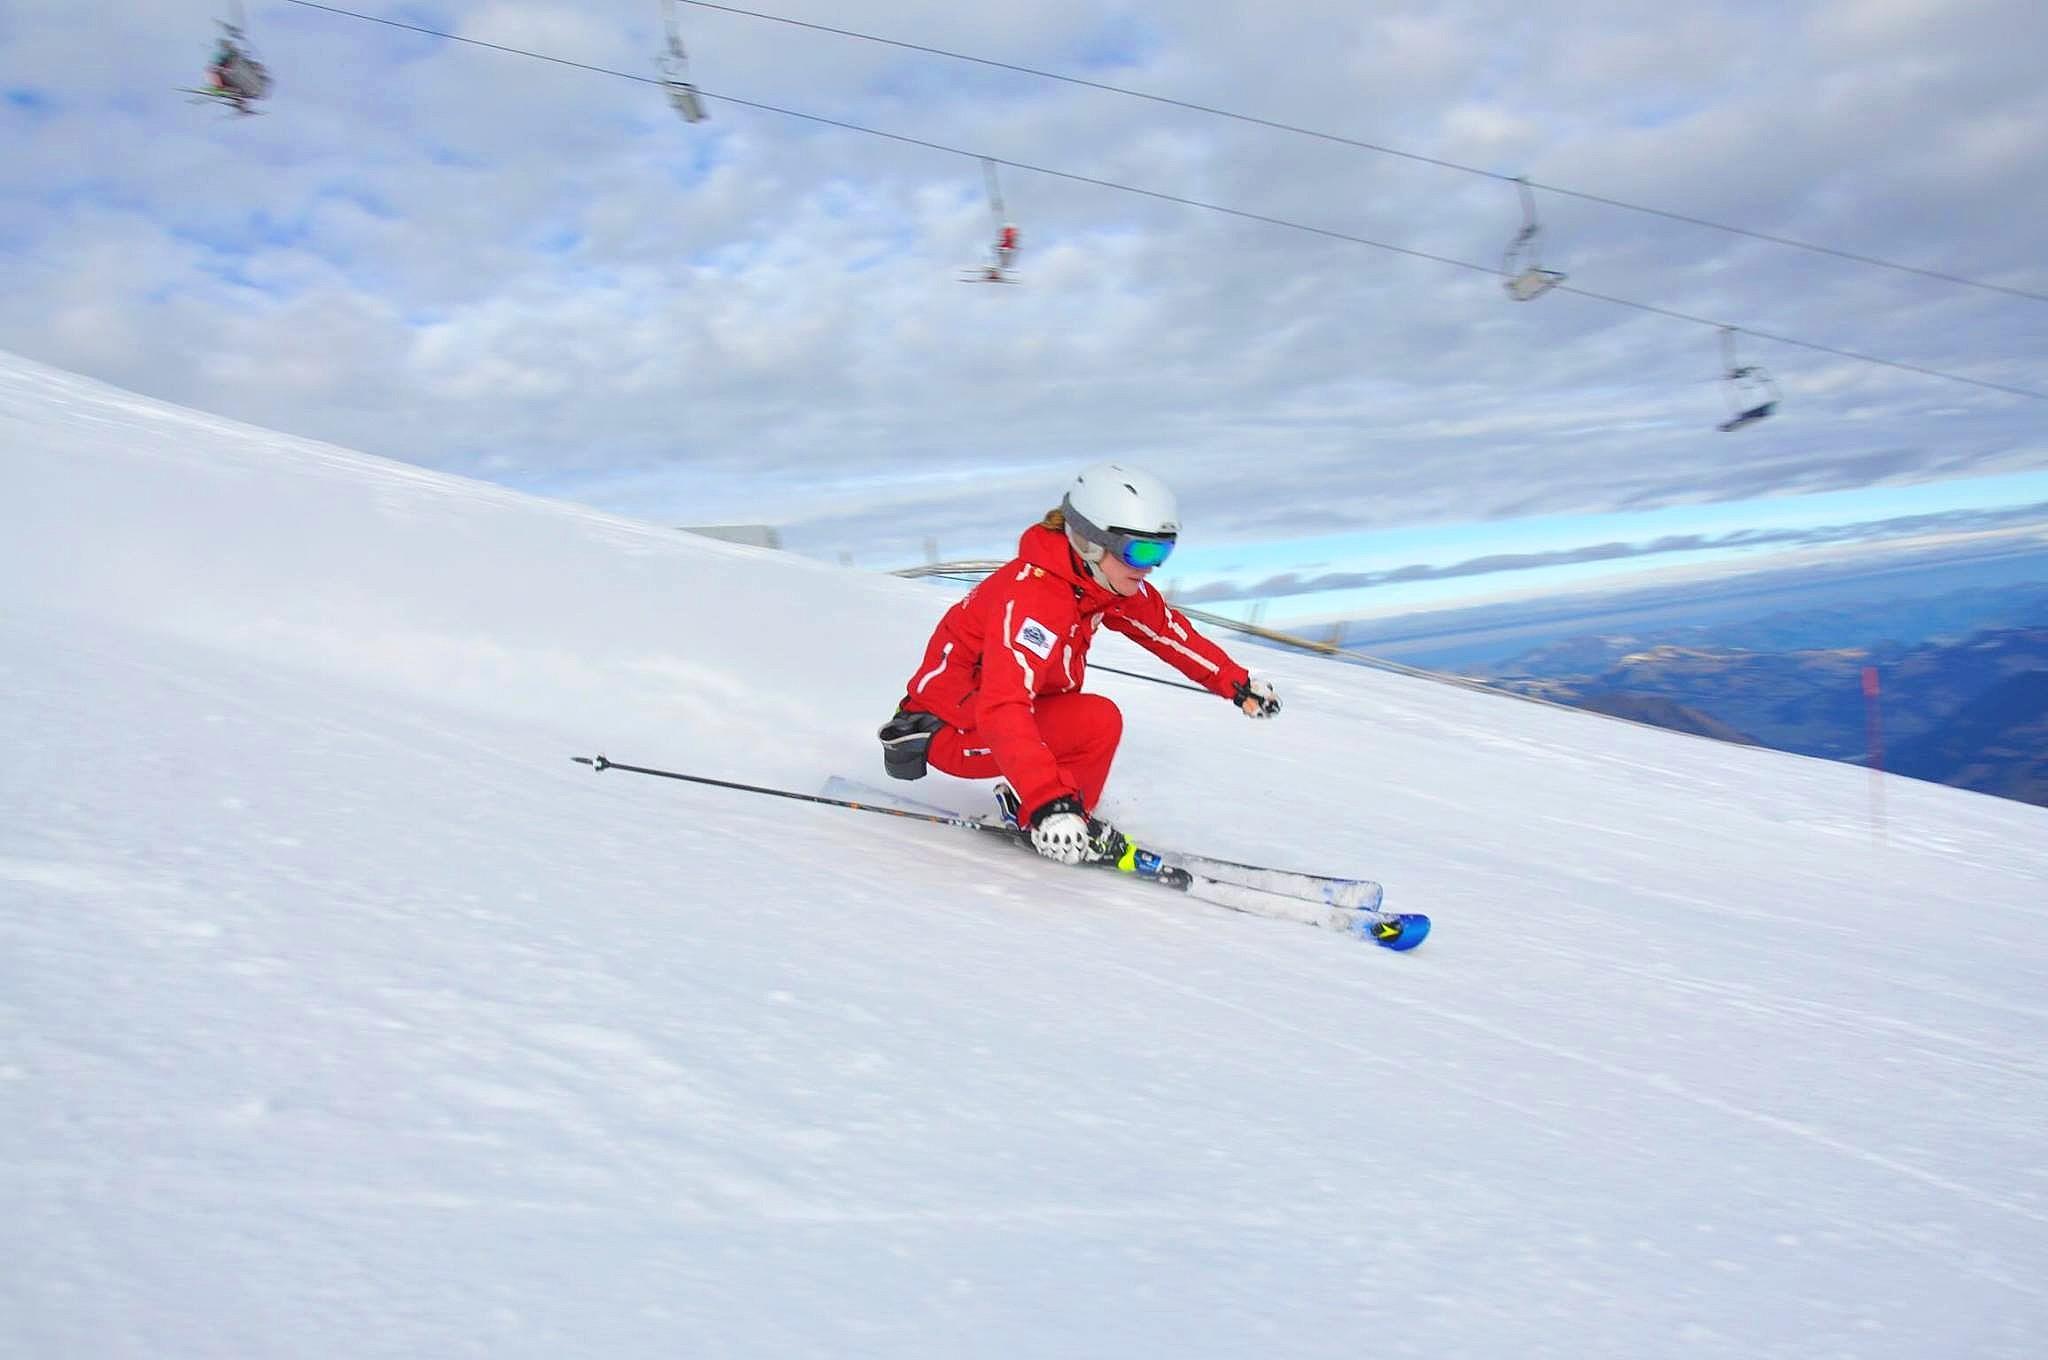 Cours particulier de ski Enfants pour Skieurs expérimentés